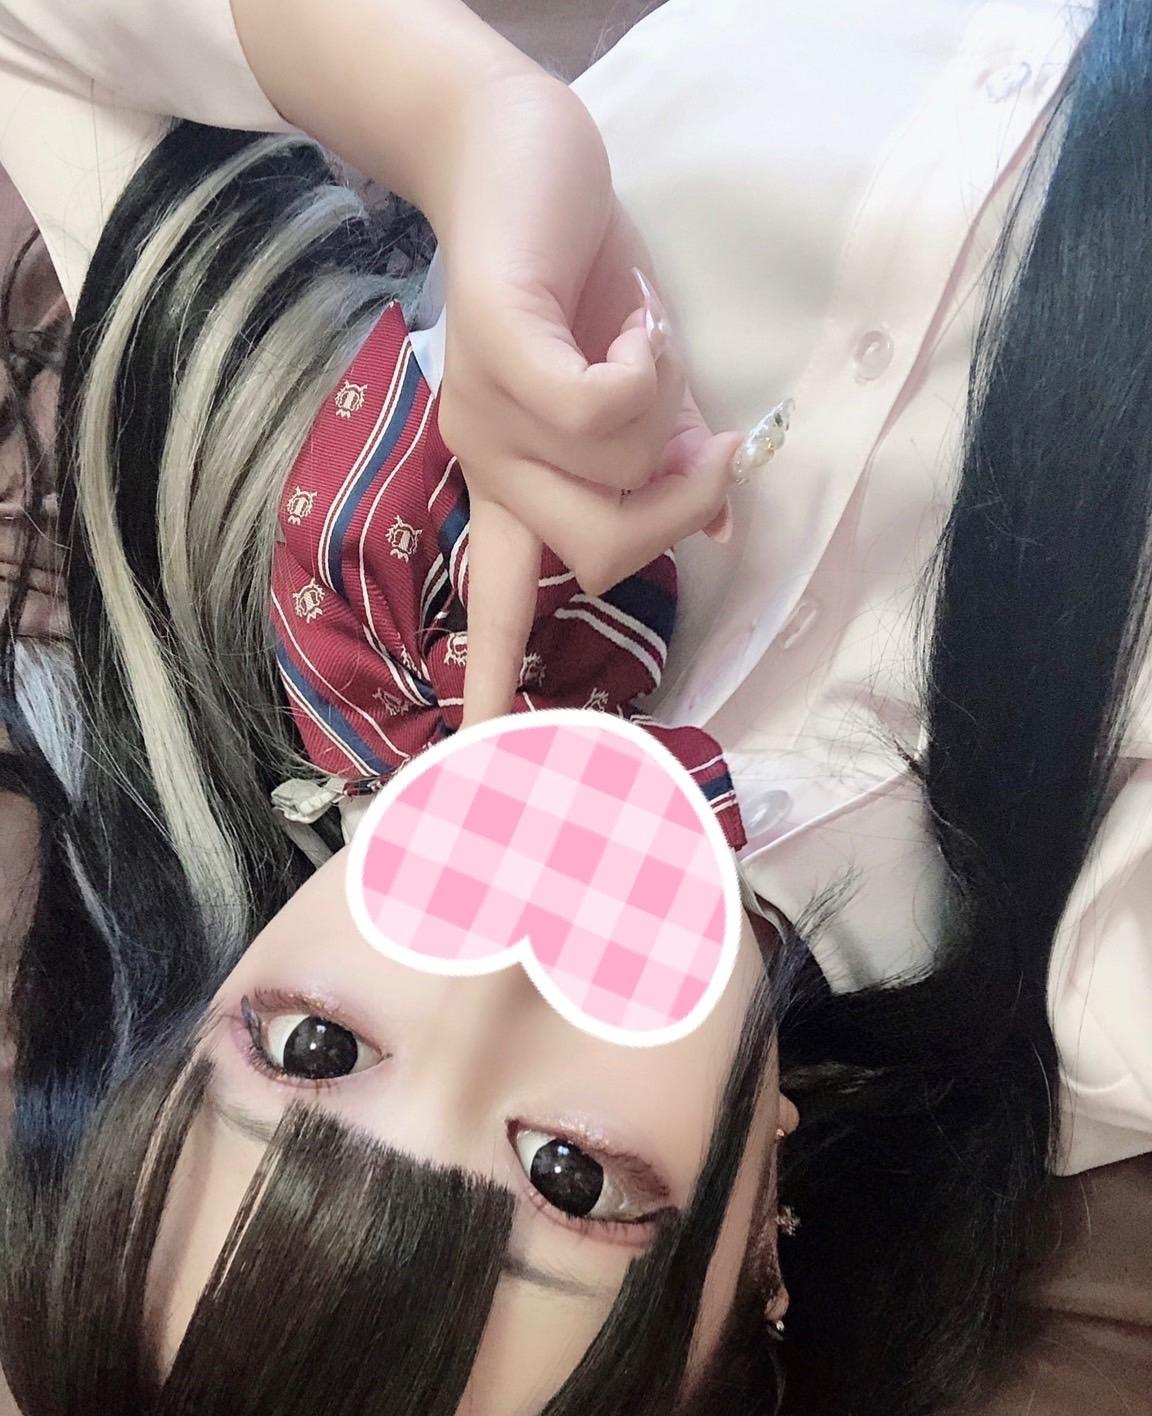 【JKリフレ東京】望月まほ9/22体験入店予定!